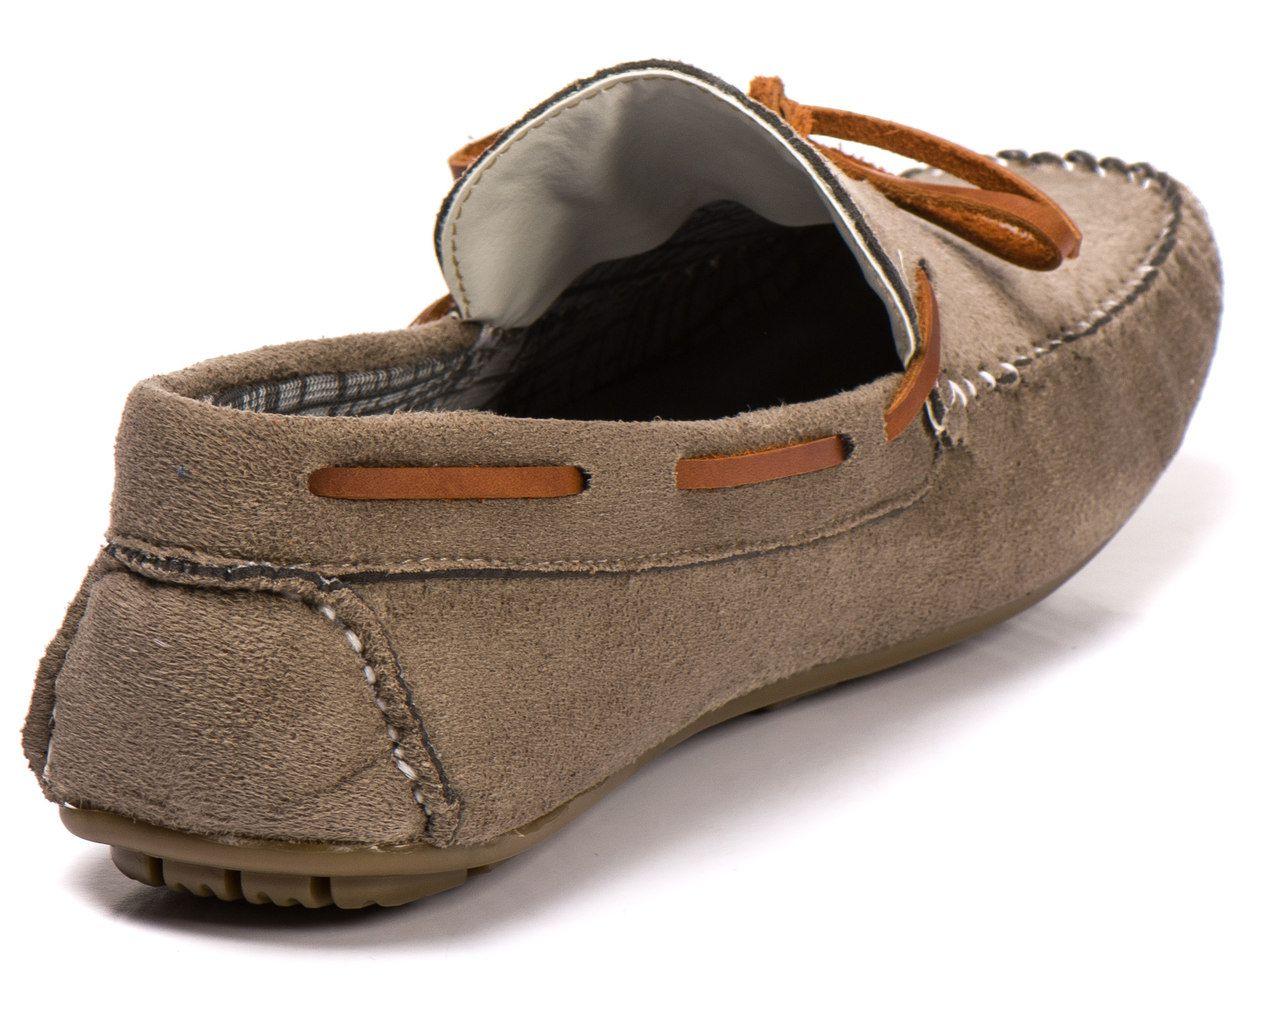 3c9afb9948 Sapato Mocassim Camurça sintético areia - Kapell Calçados